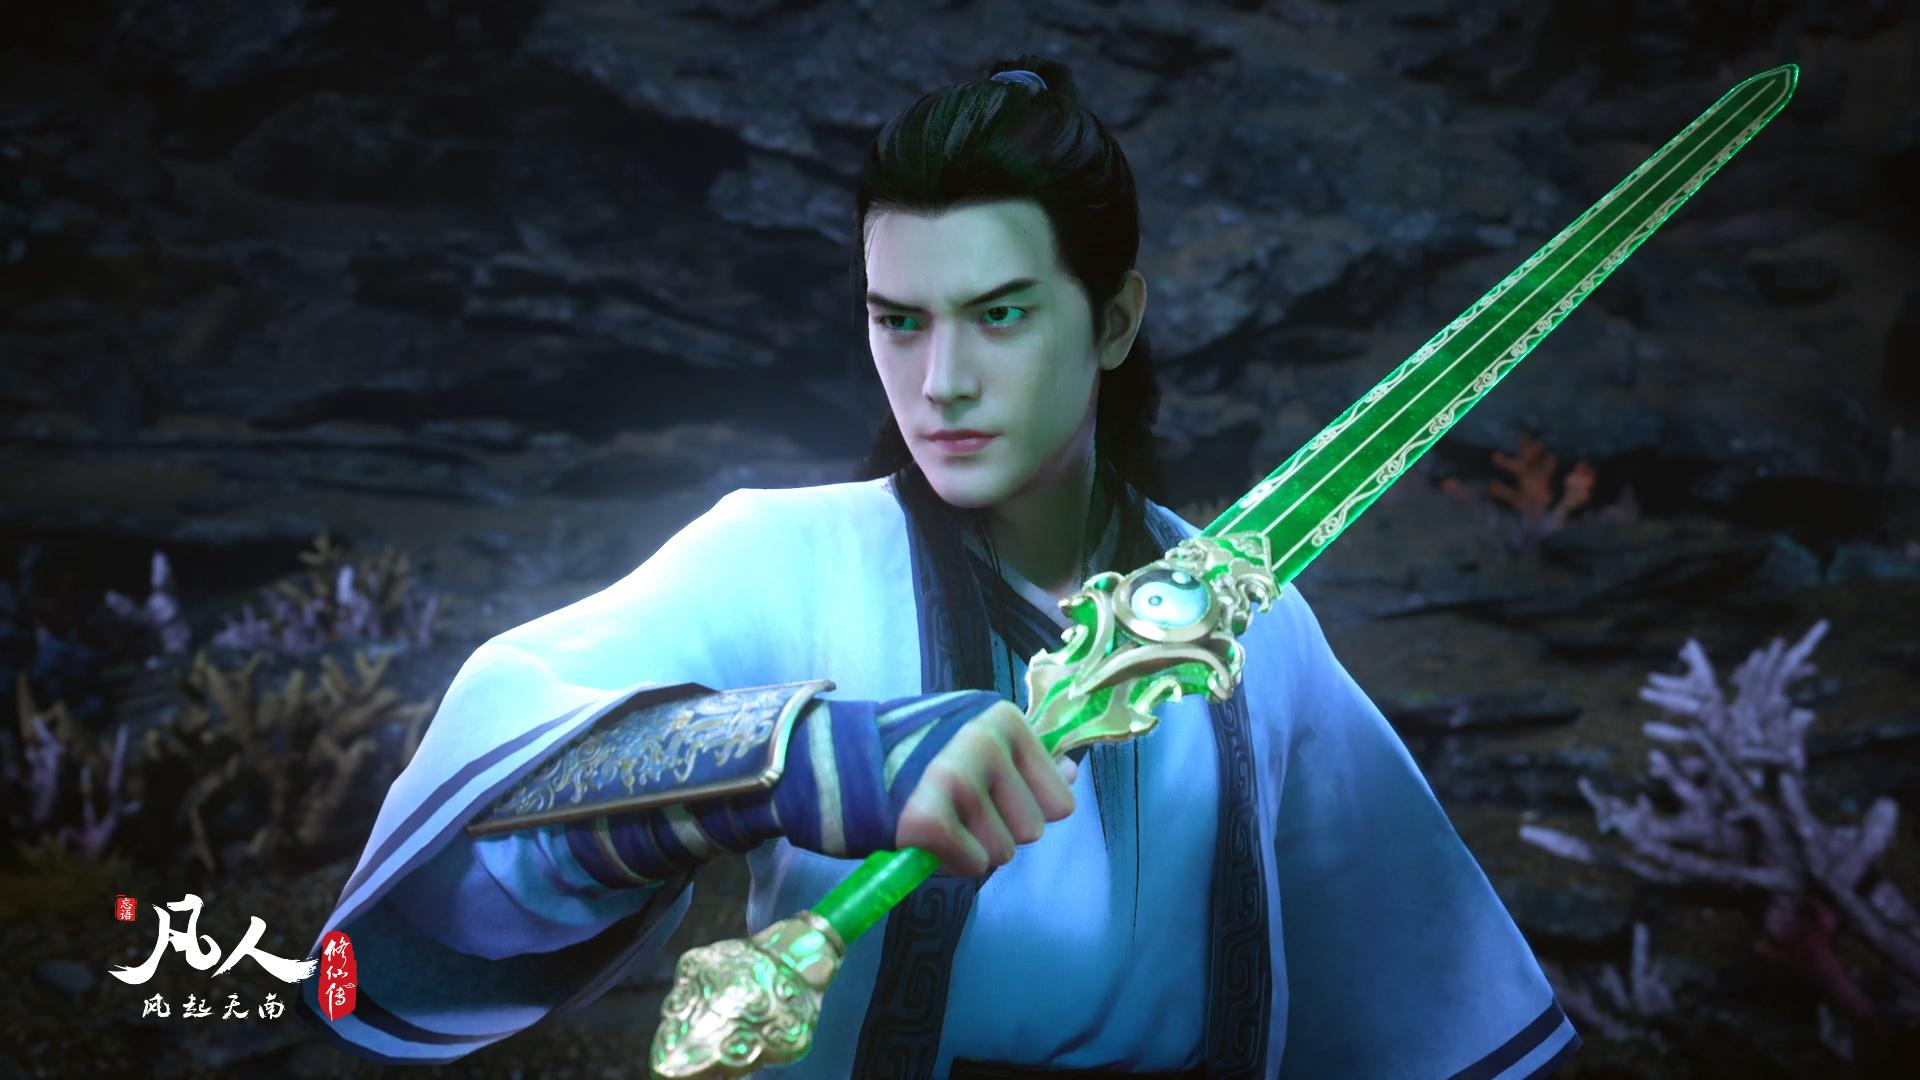 《凡人修仙传》影视化首发 神仙画风不负期待-ANICOGA